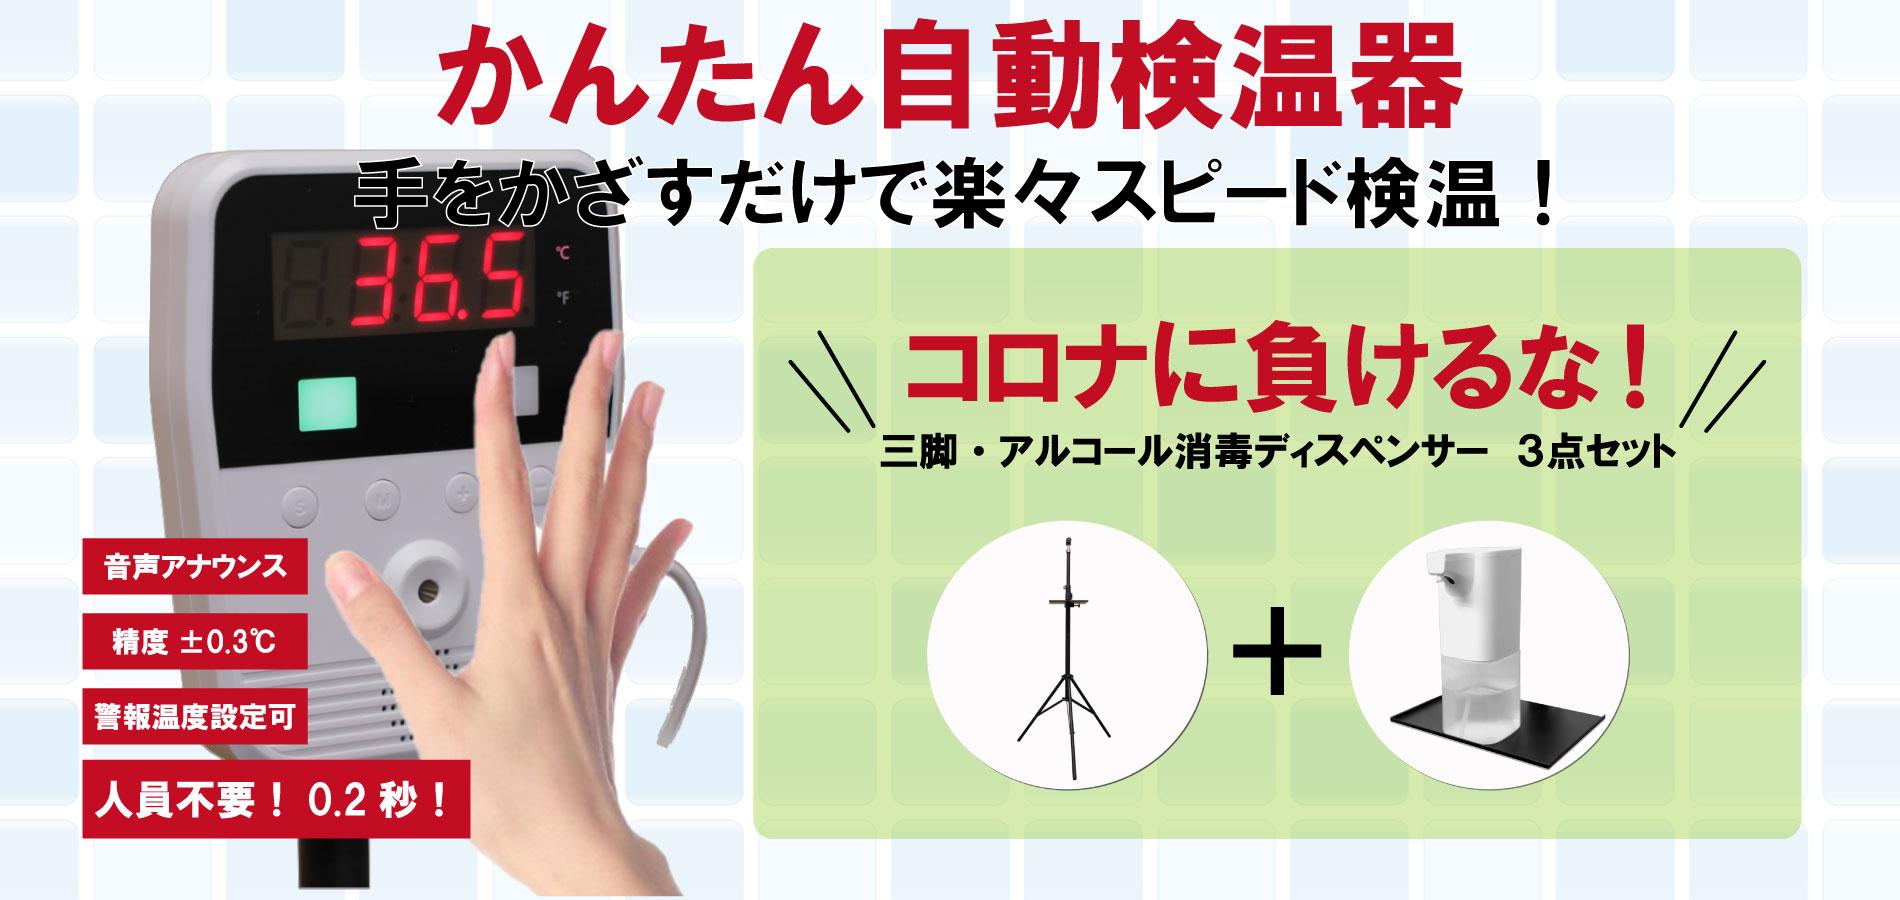 かんたん自動検温器